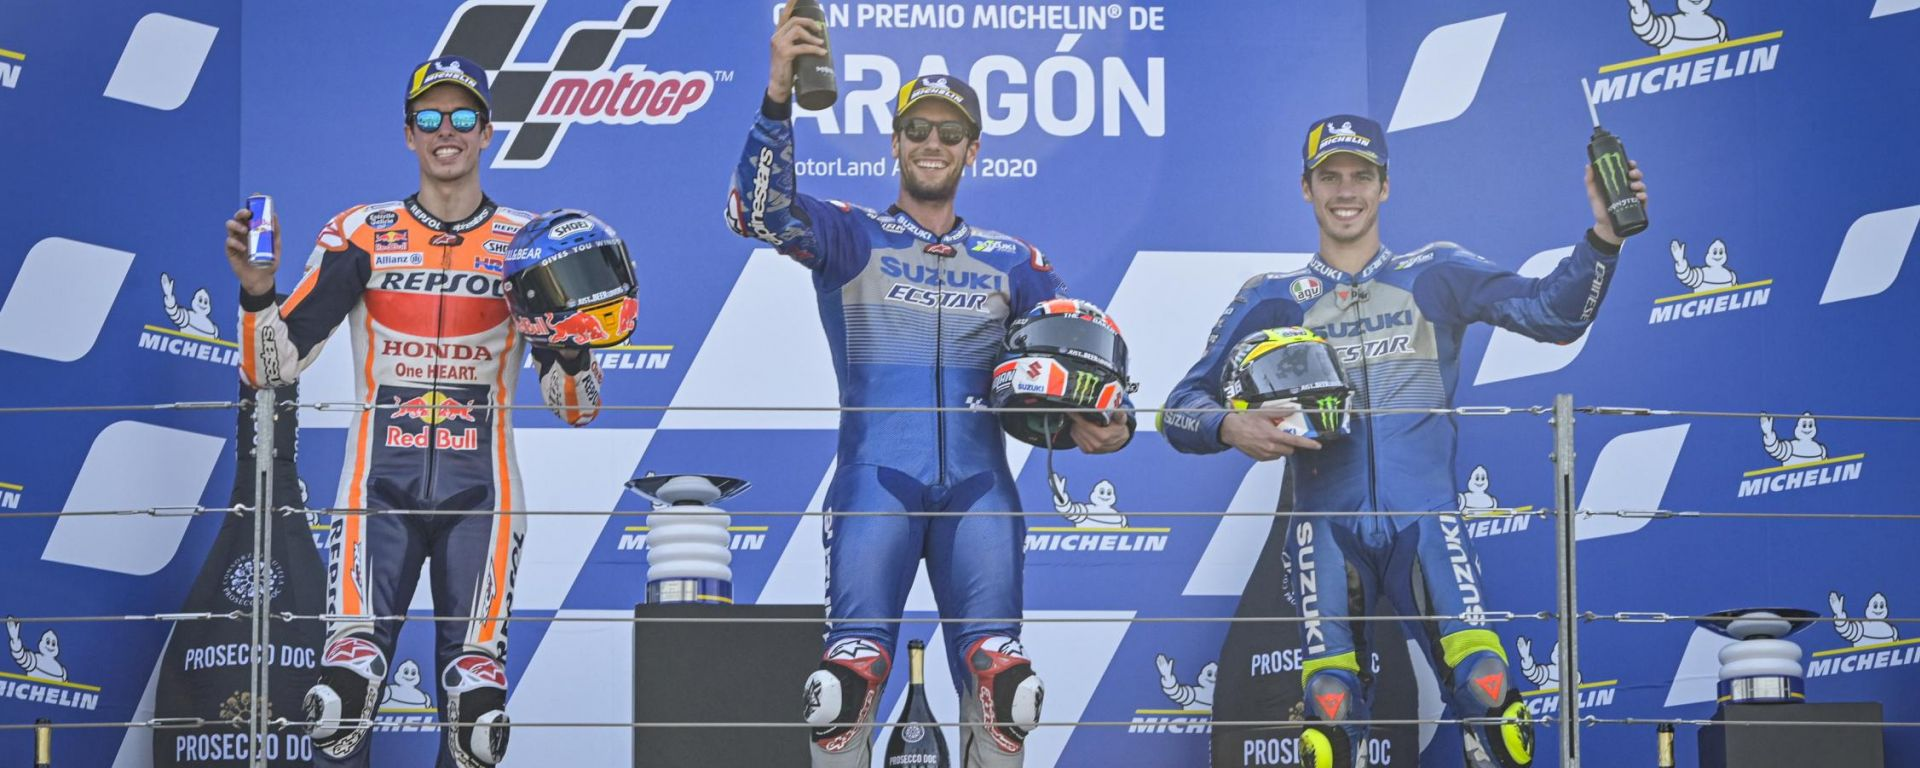 Il podio di Aragon 2020: Rins, Marquez e Mir